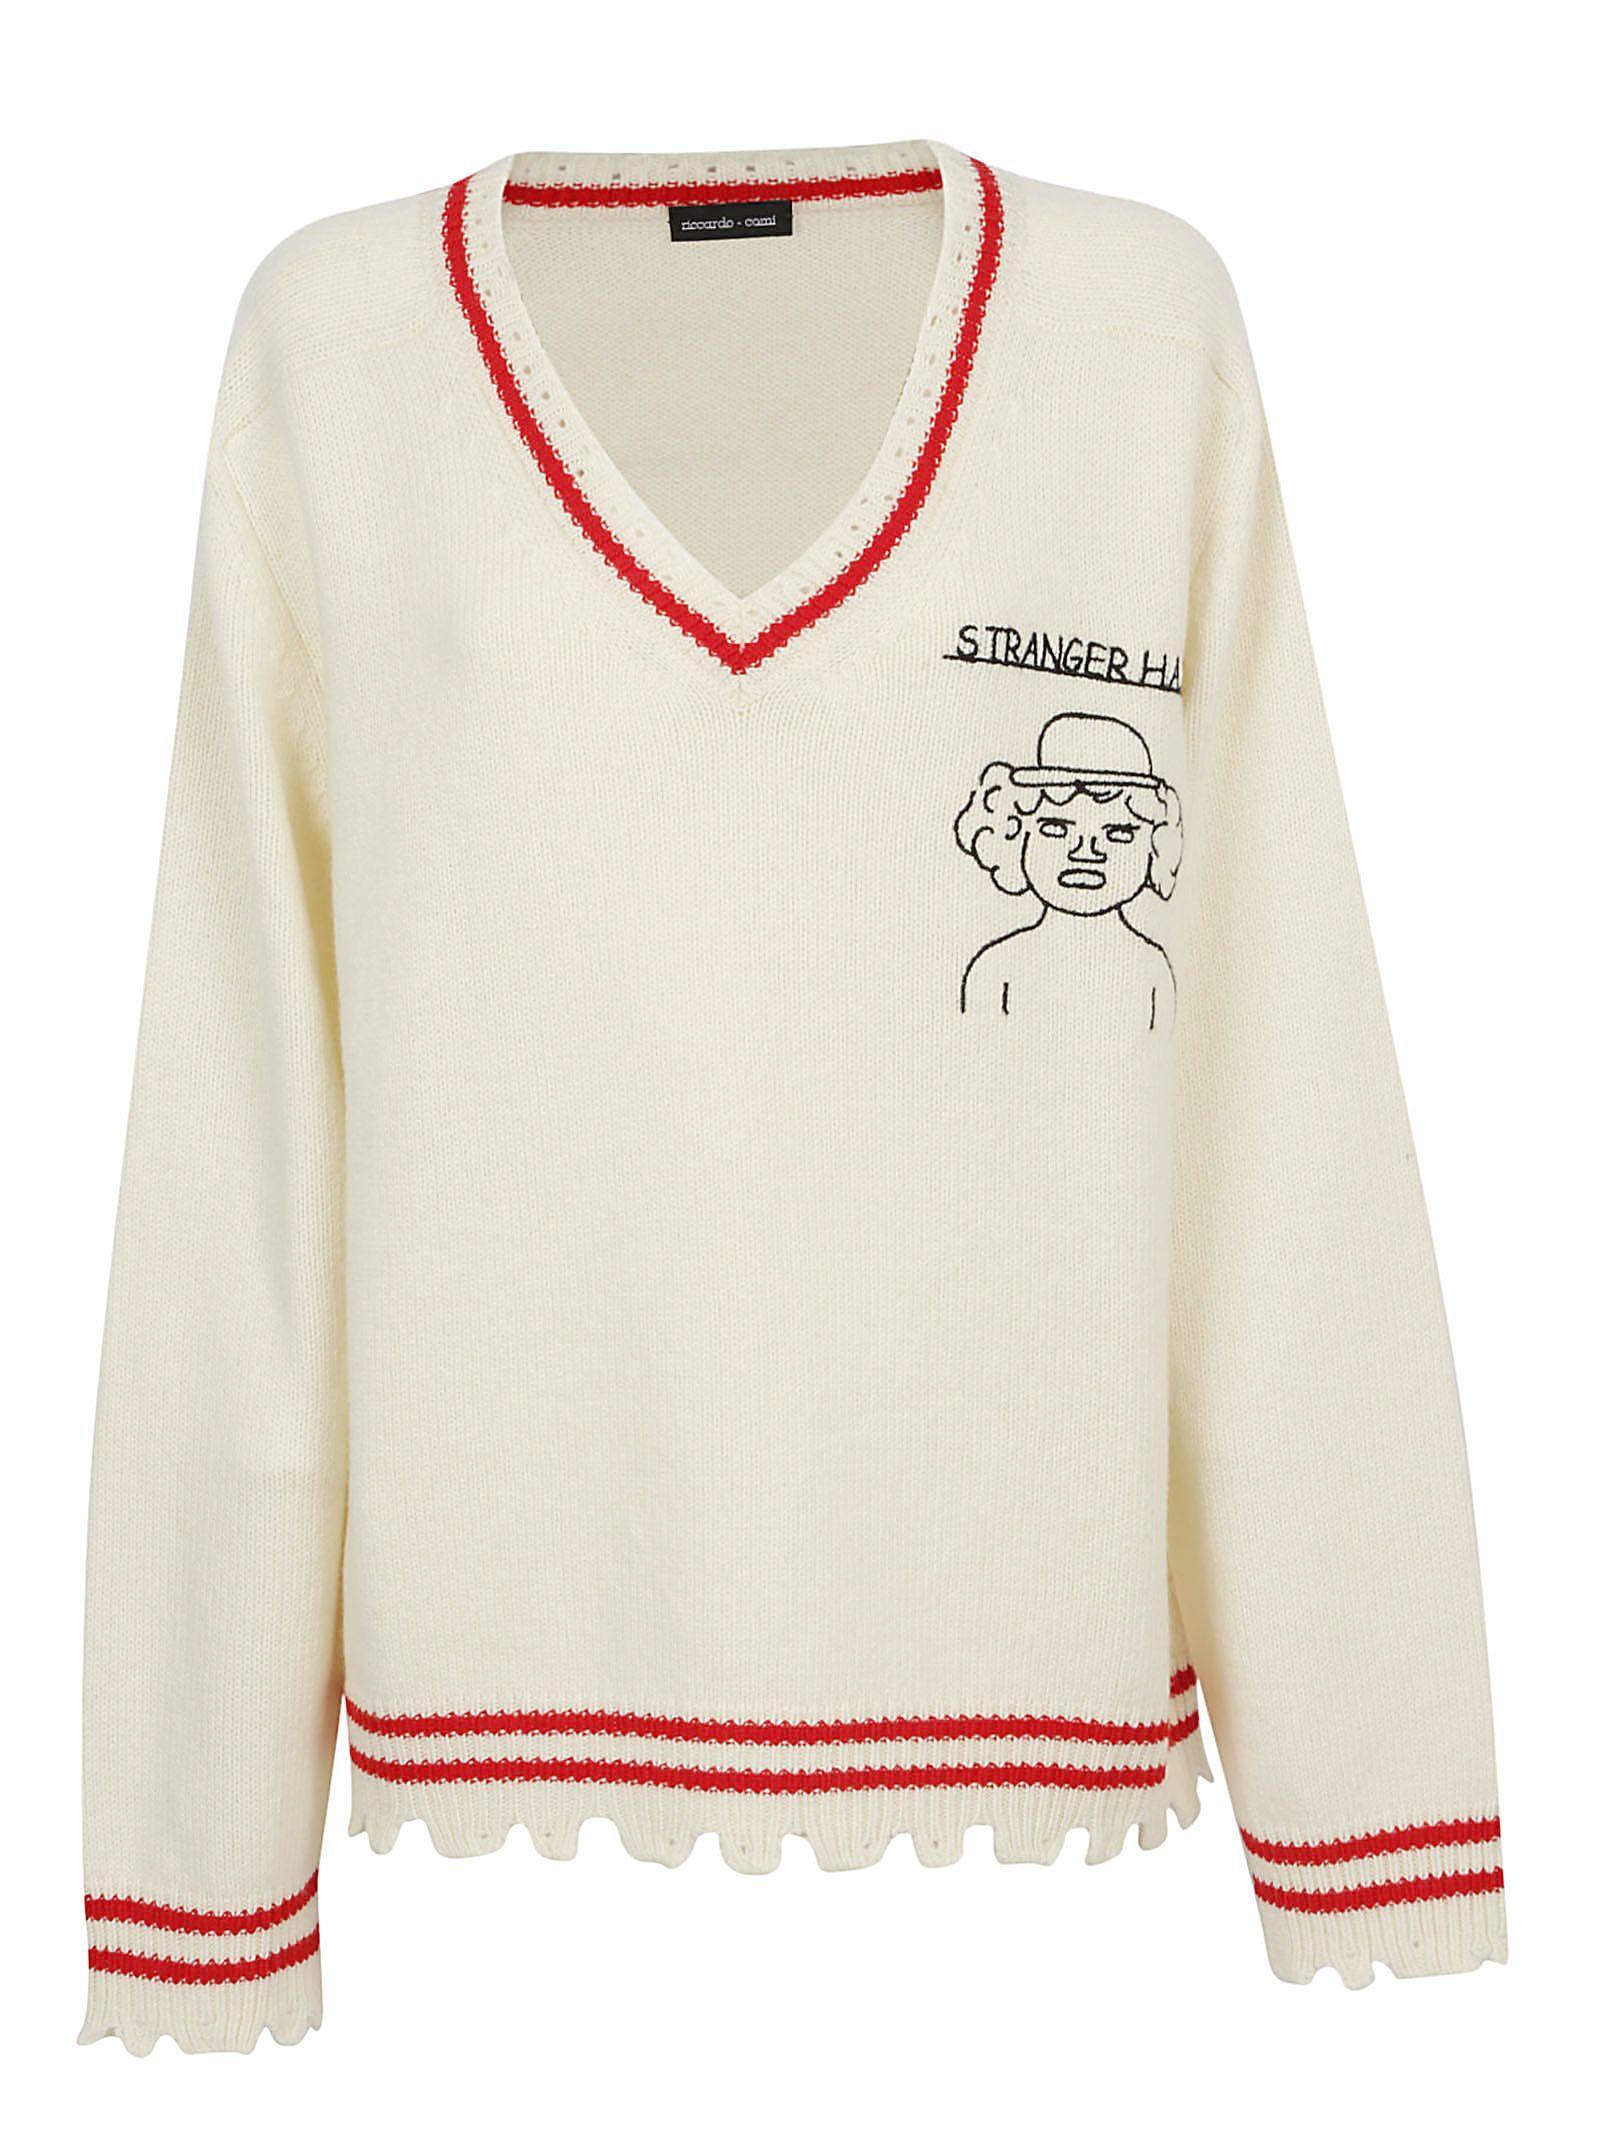 Riccardo Comi Knitwear In Arpa/rosso/inchiostro